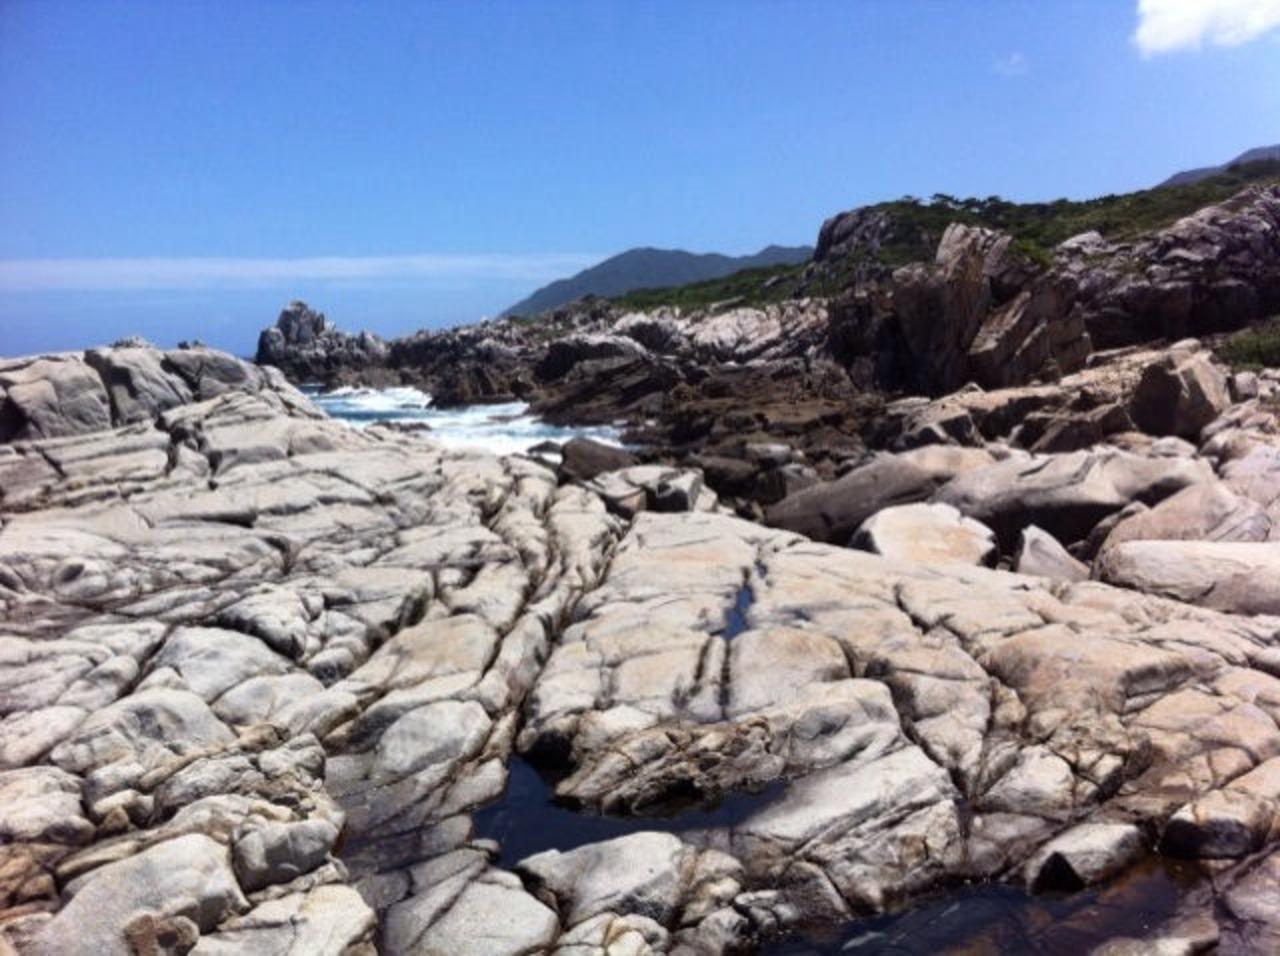 鹿児島の徳之島で見てワクワクしちゃおう!観光スポットおすすめ5選